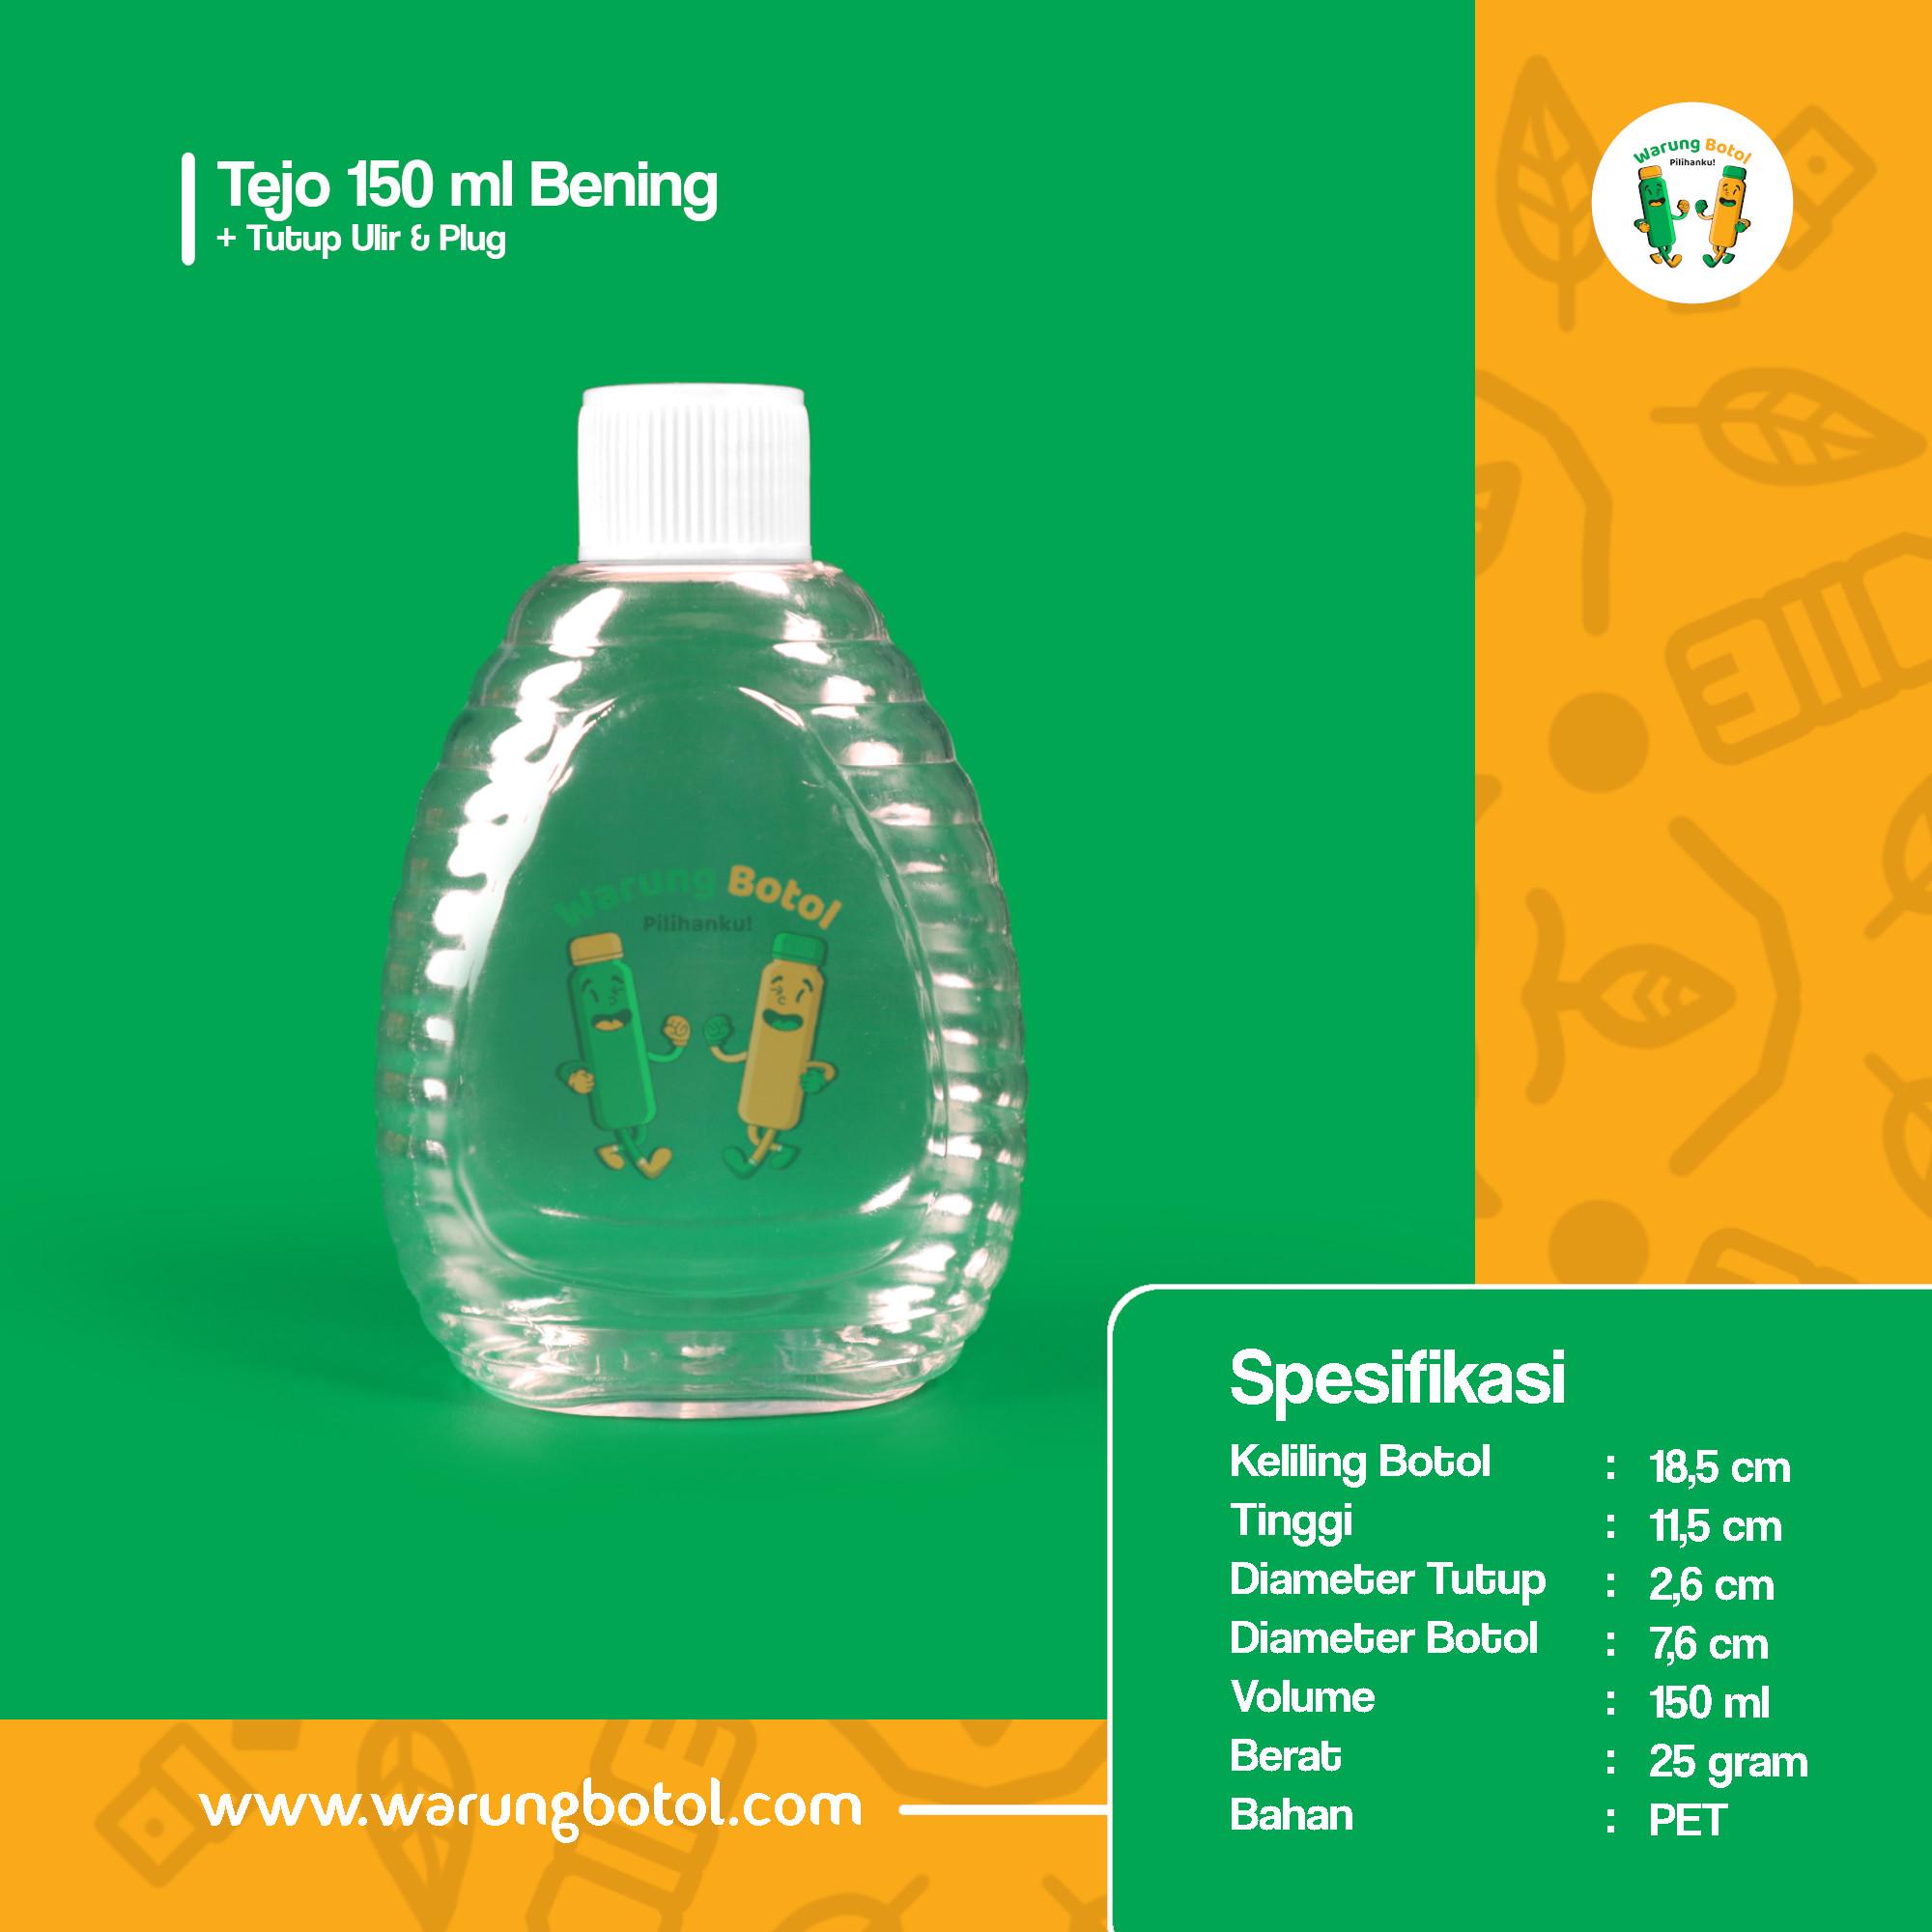 distributor toko jual botol plastik untuk madu tj 150ml murah, kemasan aman untuk madu terdekat di bandung jakarta bekasi bogor